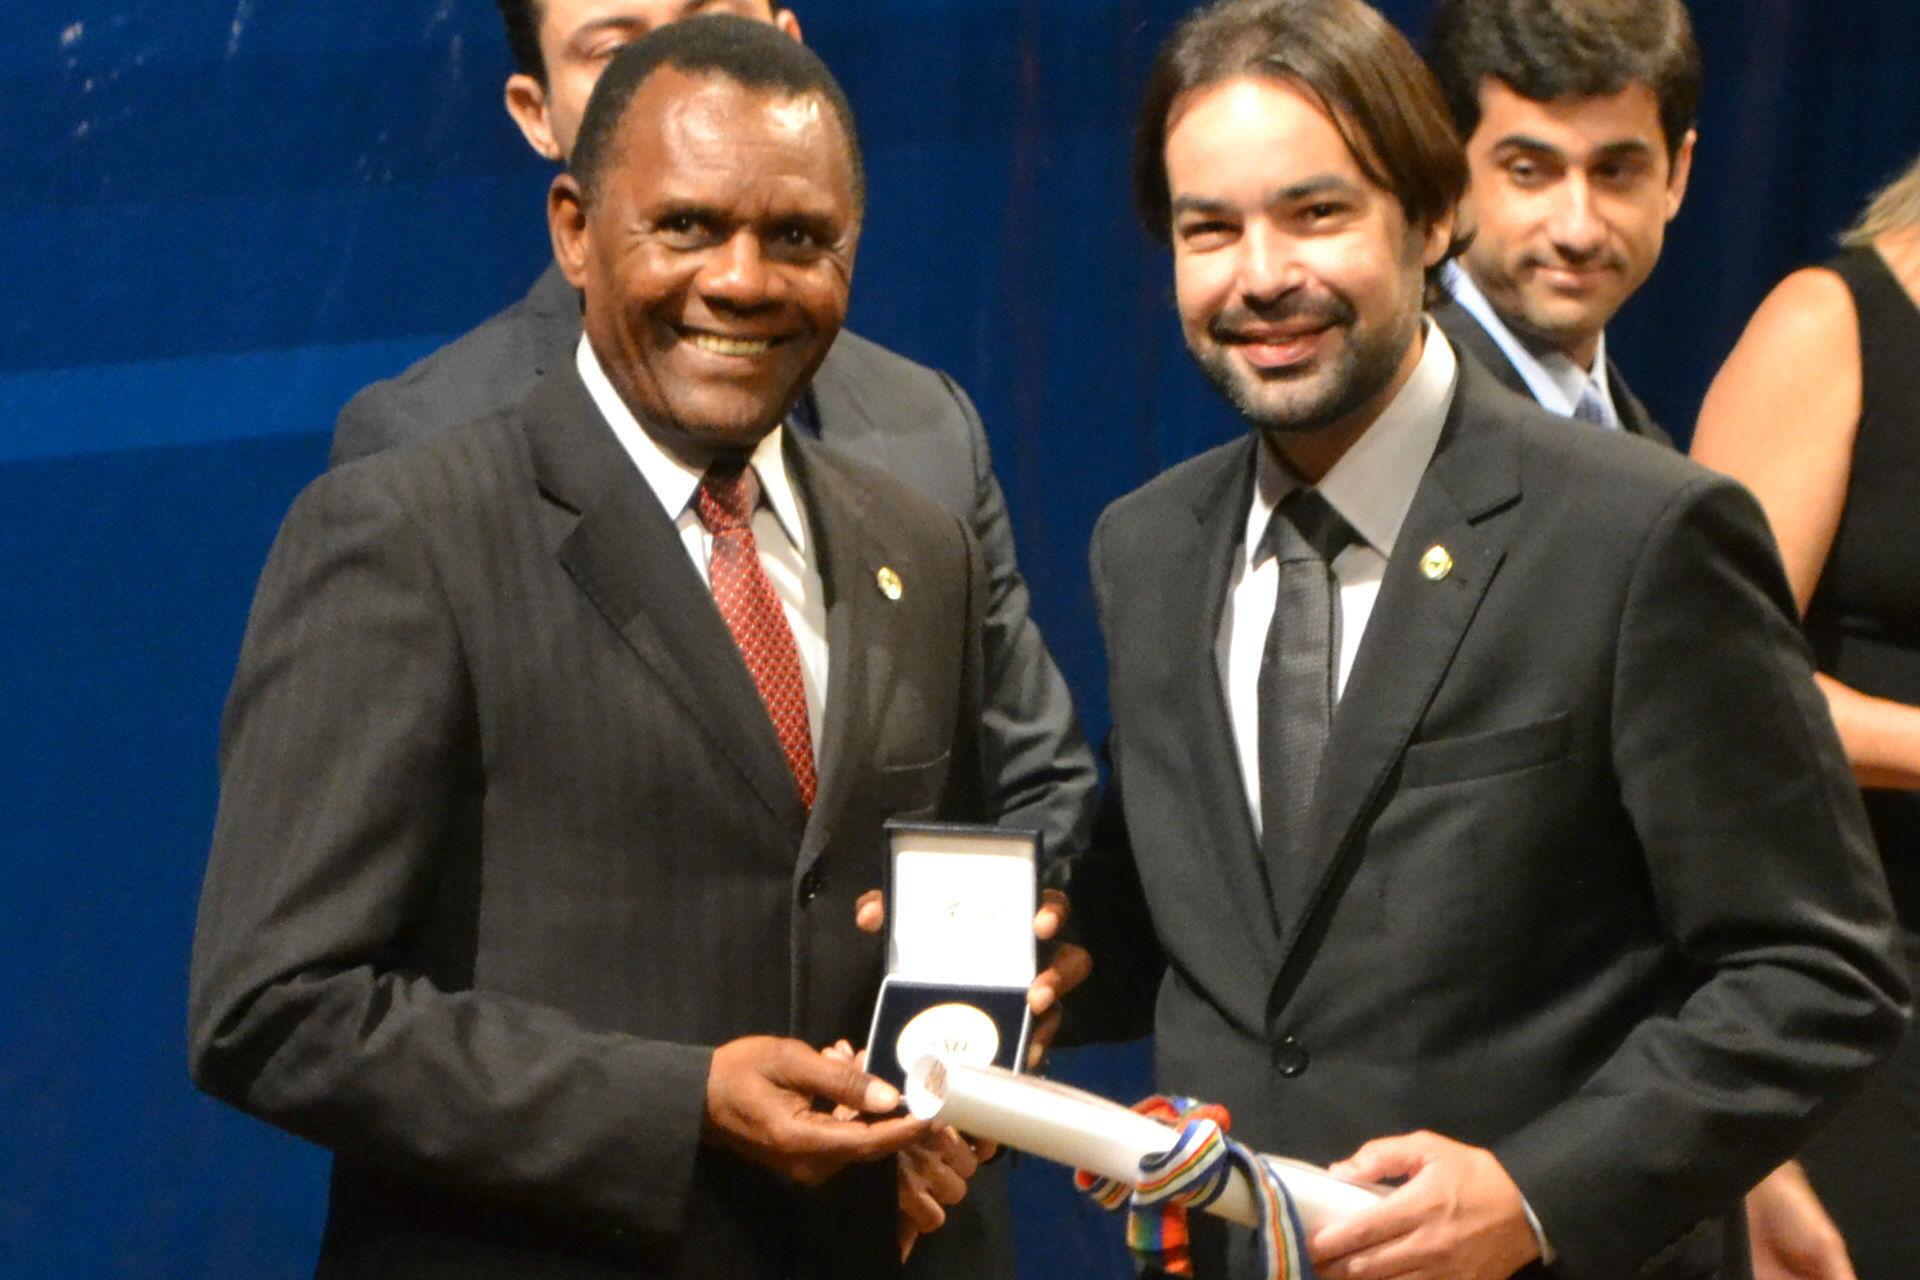 Ossesio recebe medalha dos 180 anos do Poder Legislativo